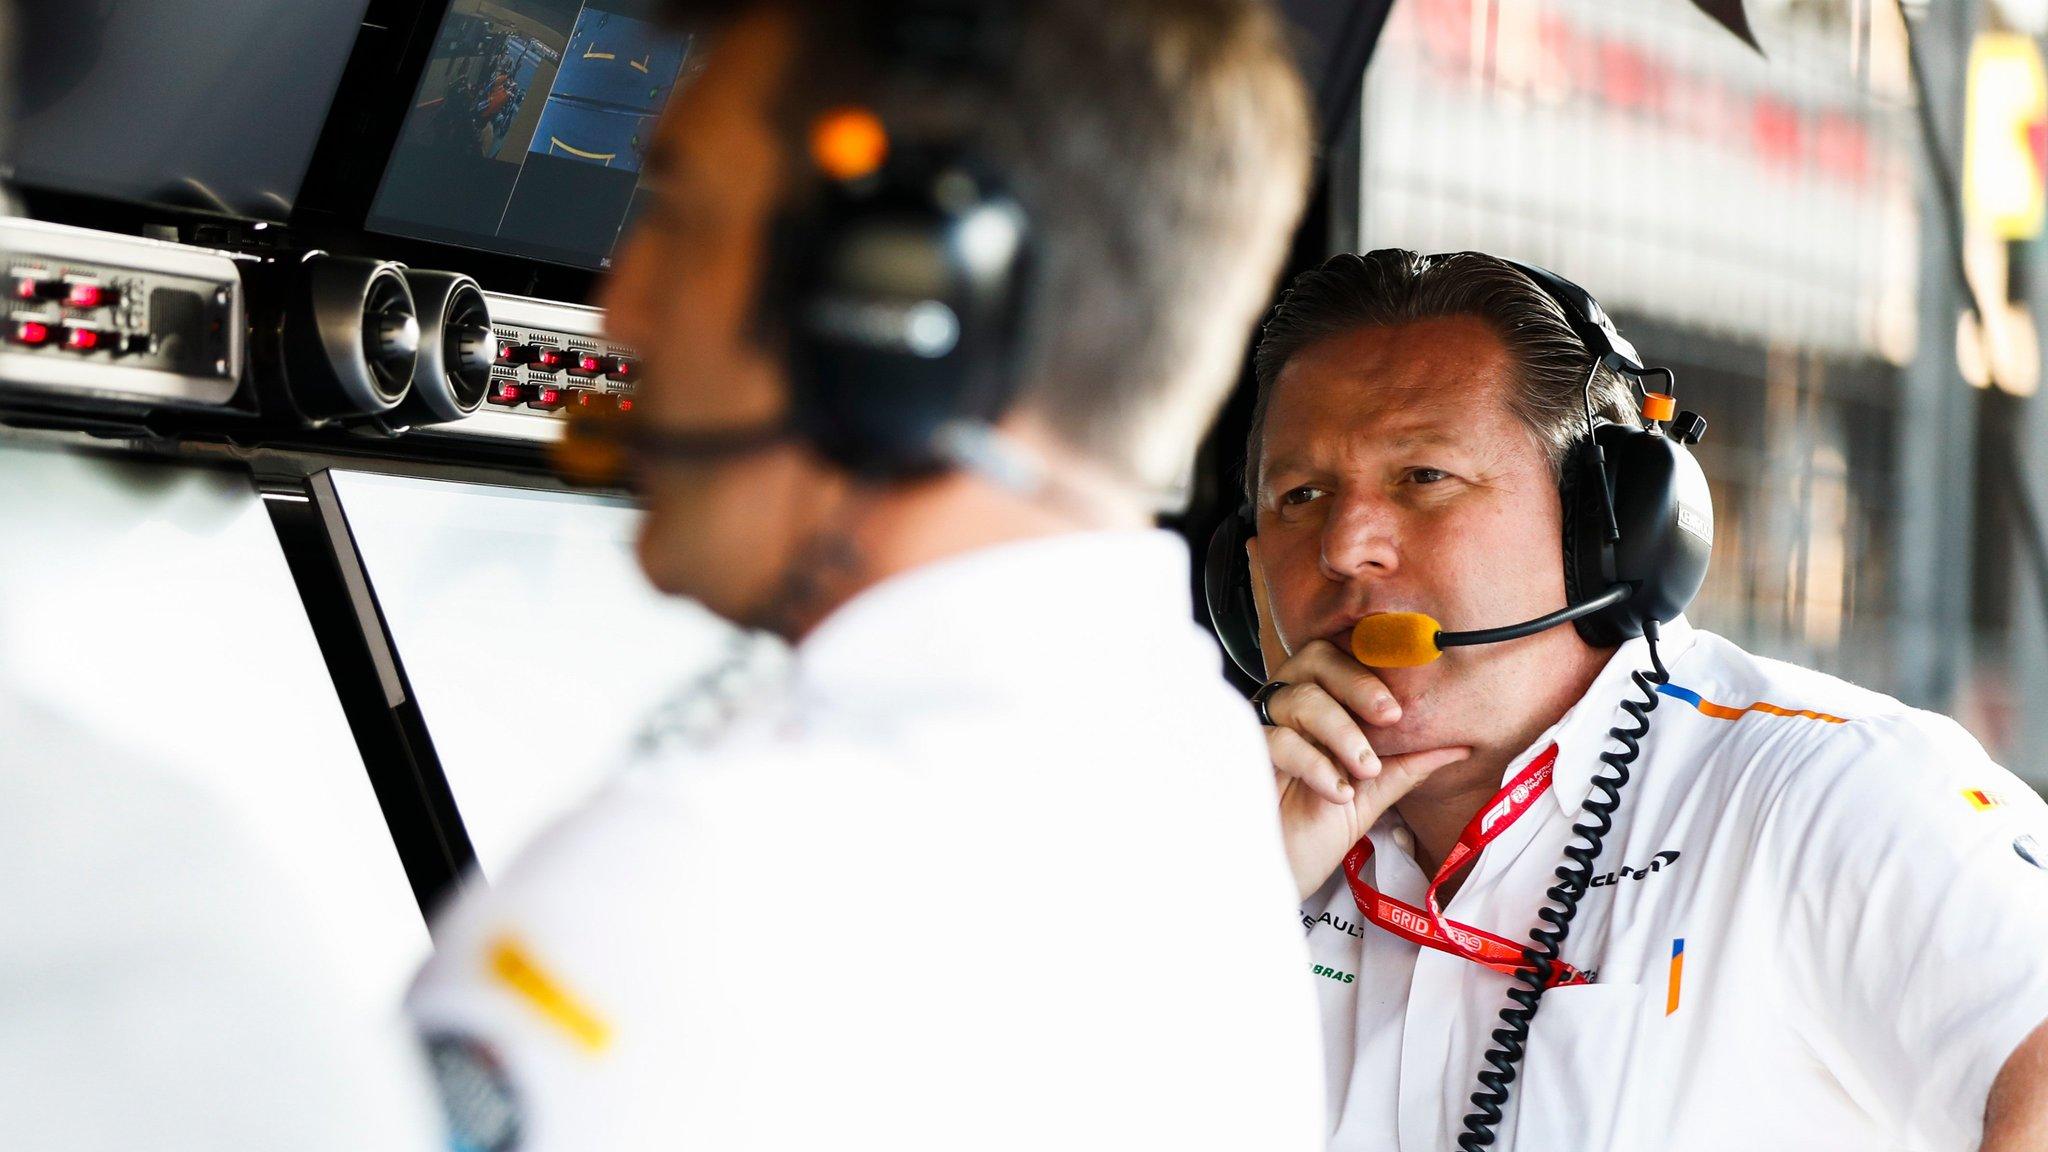 Cuatro equipos de F1 podrían desaparecer — Zak Brown